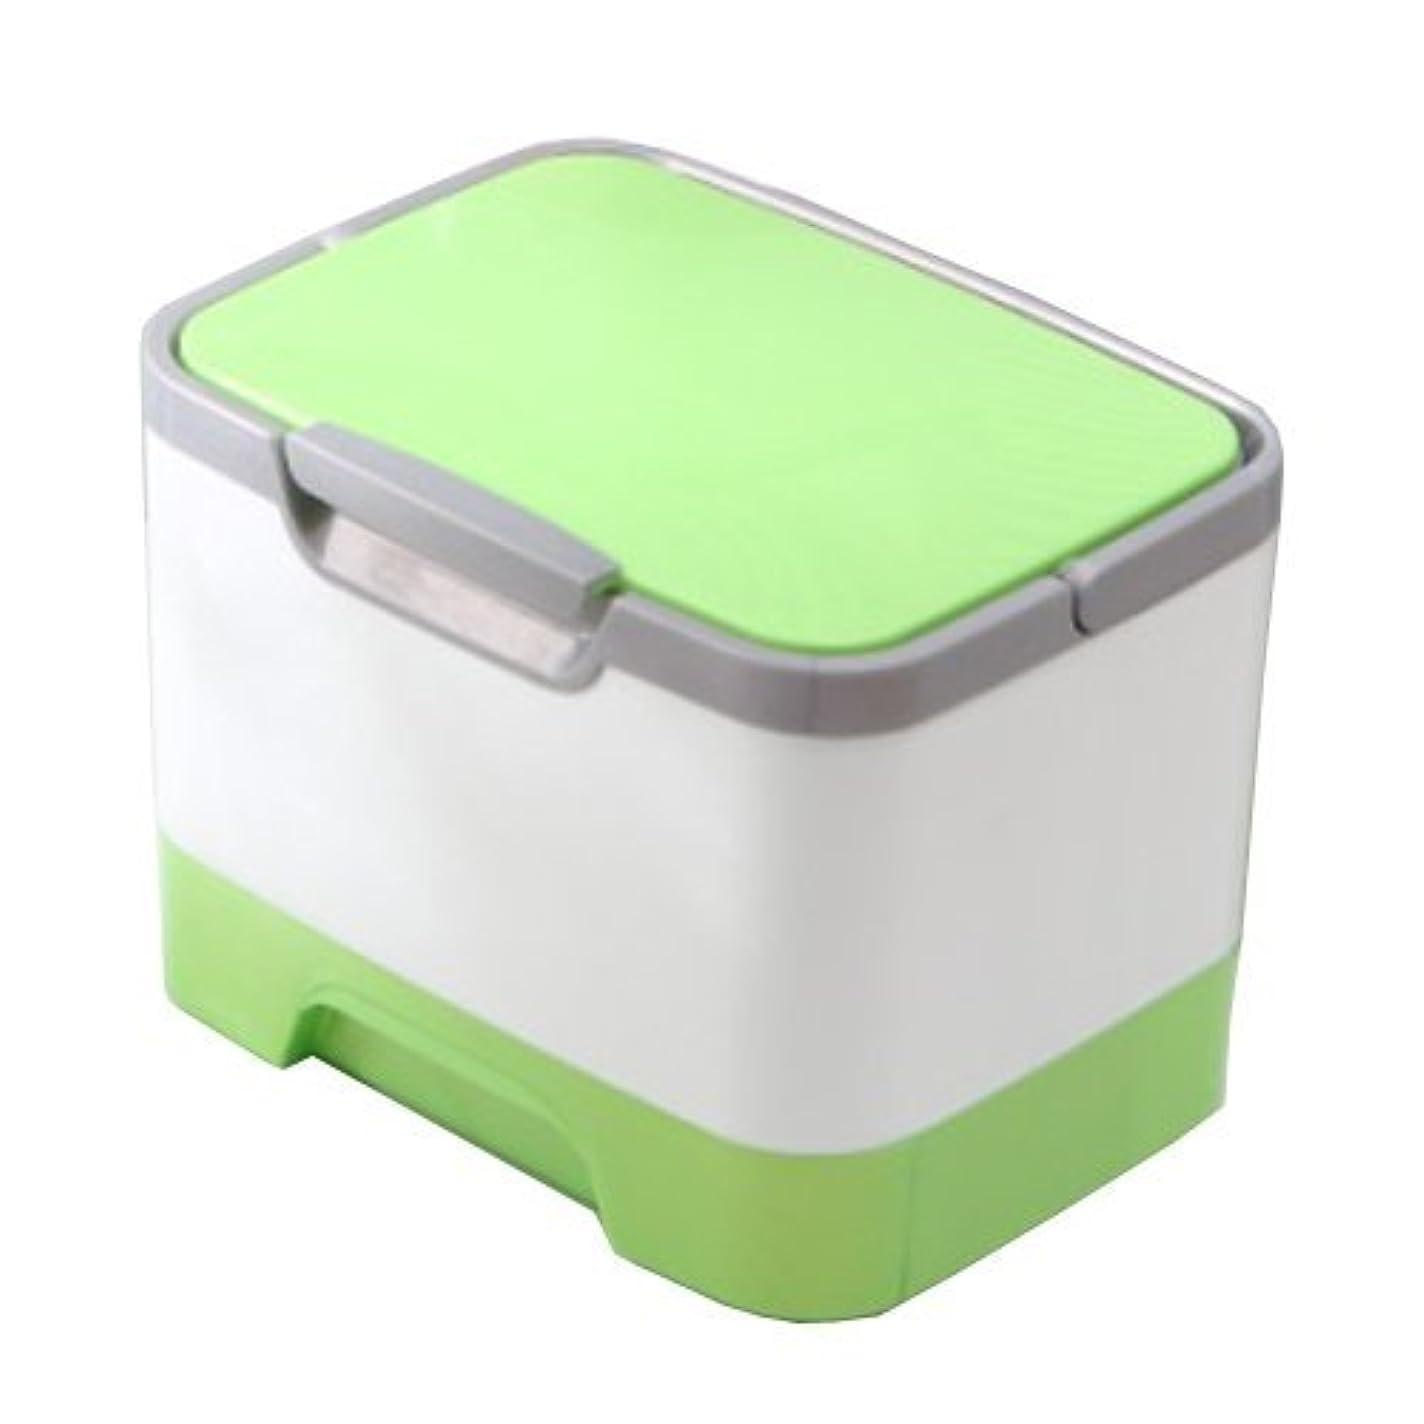 ブームライセンス小麦メイクボックス 大容量 かわいい 鏡付き プロも納得 コスメの収納に (ピンク、ブルー、グリーン)